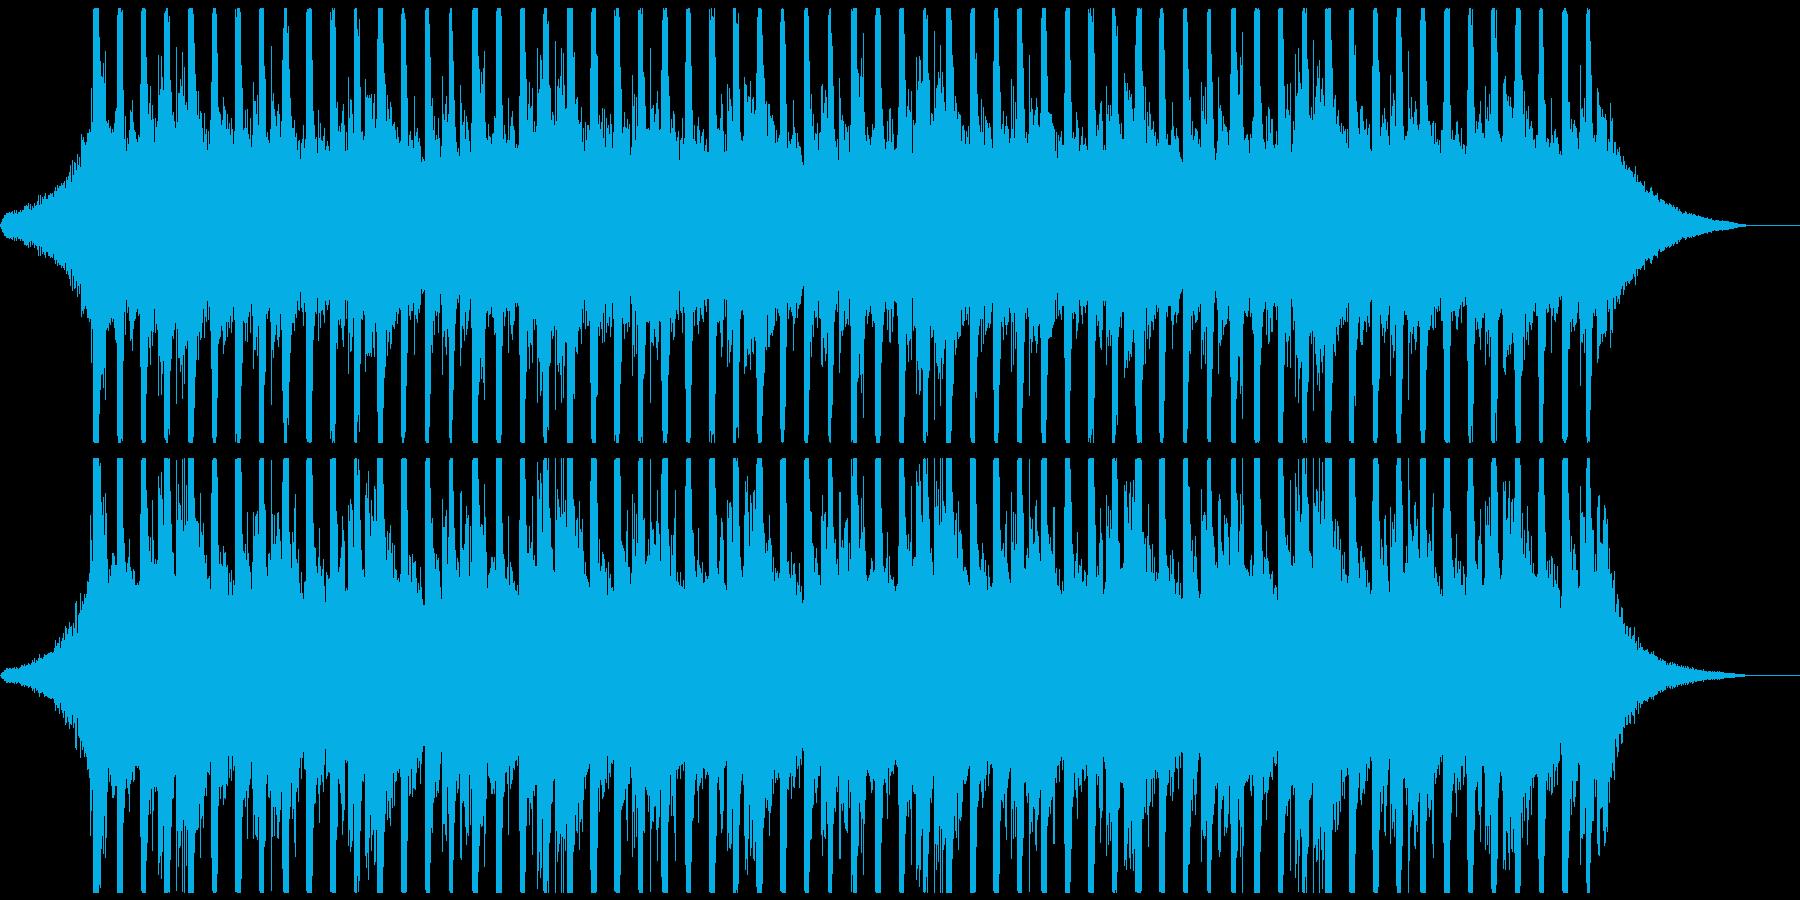 企業VPに!優しい、穏やか、綺麗ピアノSの再生済みの波形